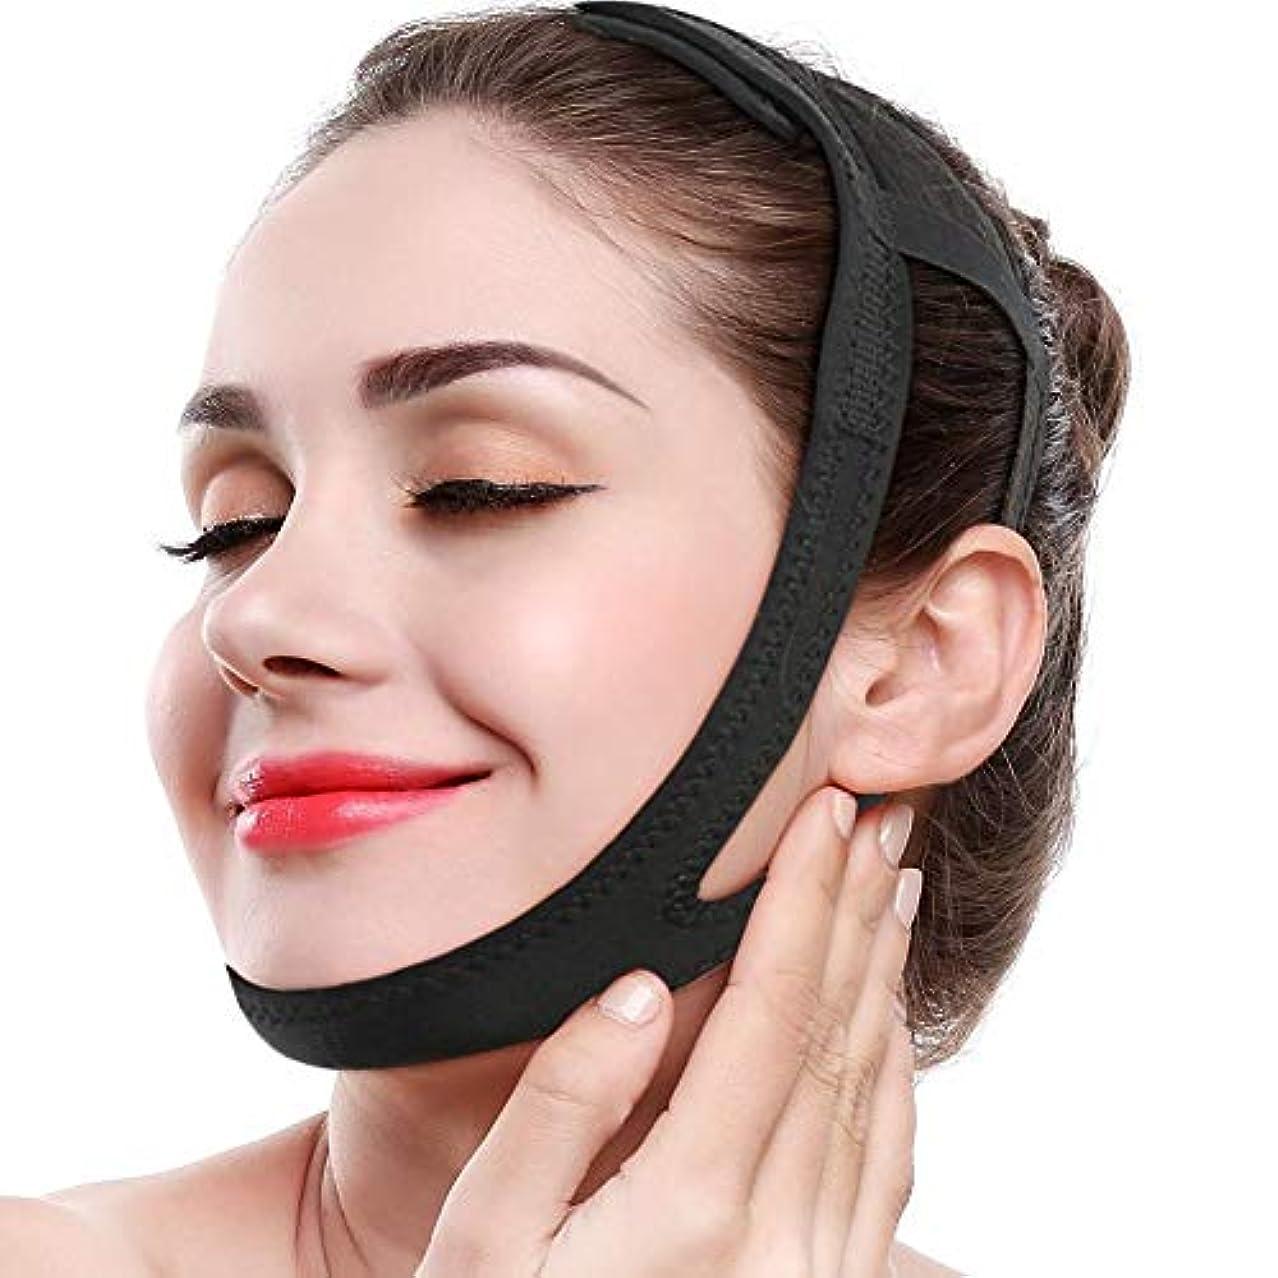 トロリーバス落ち着かない十一顔の細くの薄い表面マスク、持ち上がる表面ベルトは顔の包帯のための二重あごの引き締まった肌の抵抗の形のVライン減量を減らします